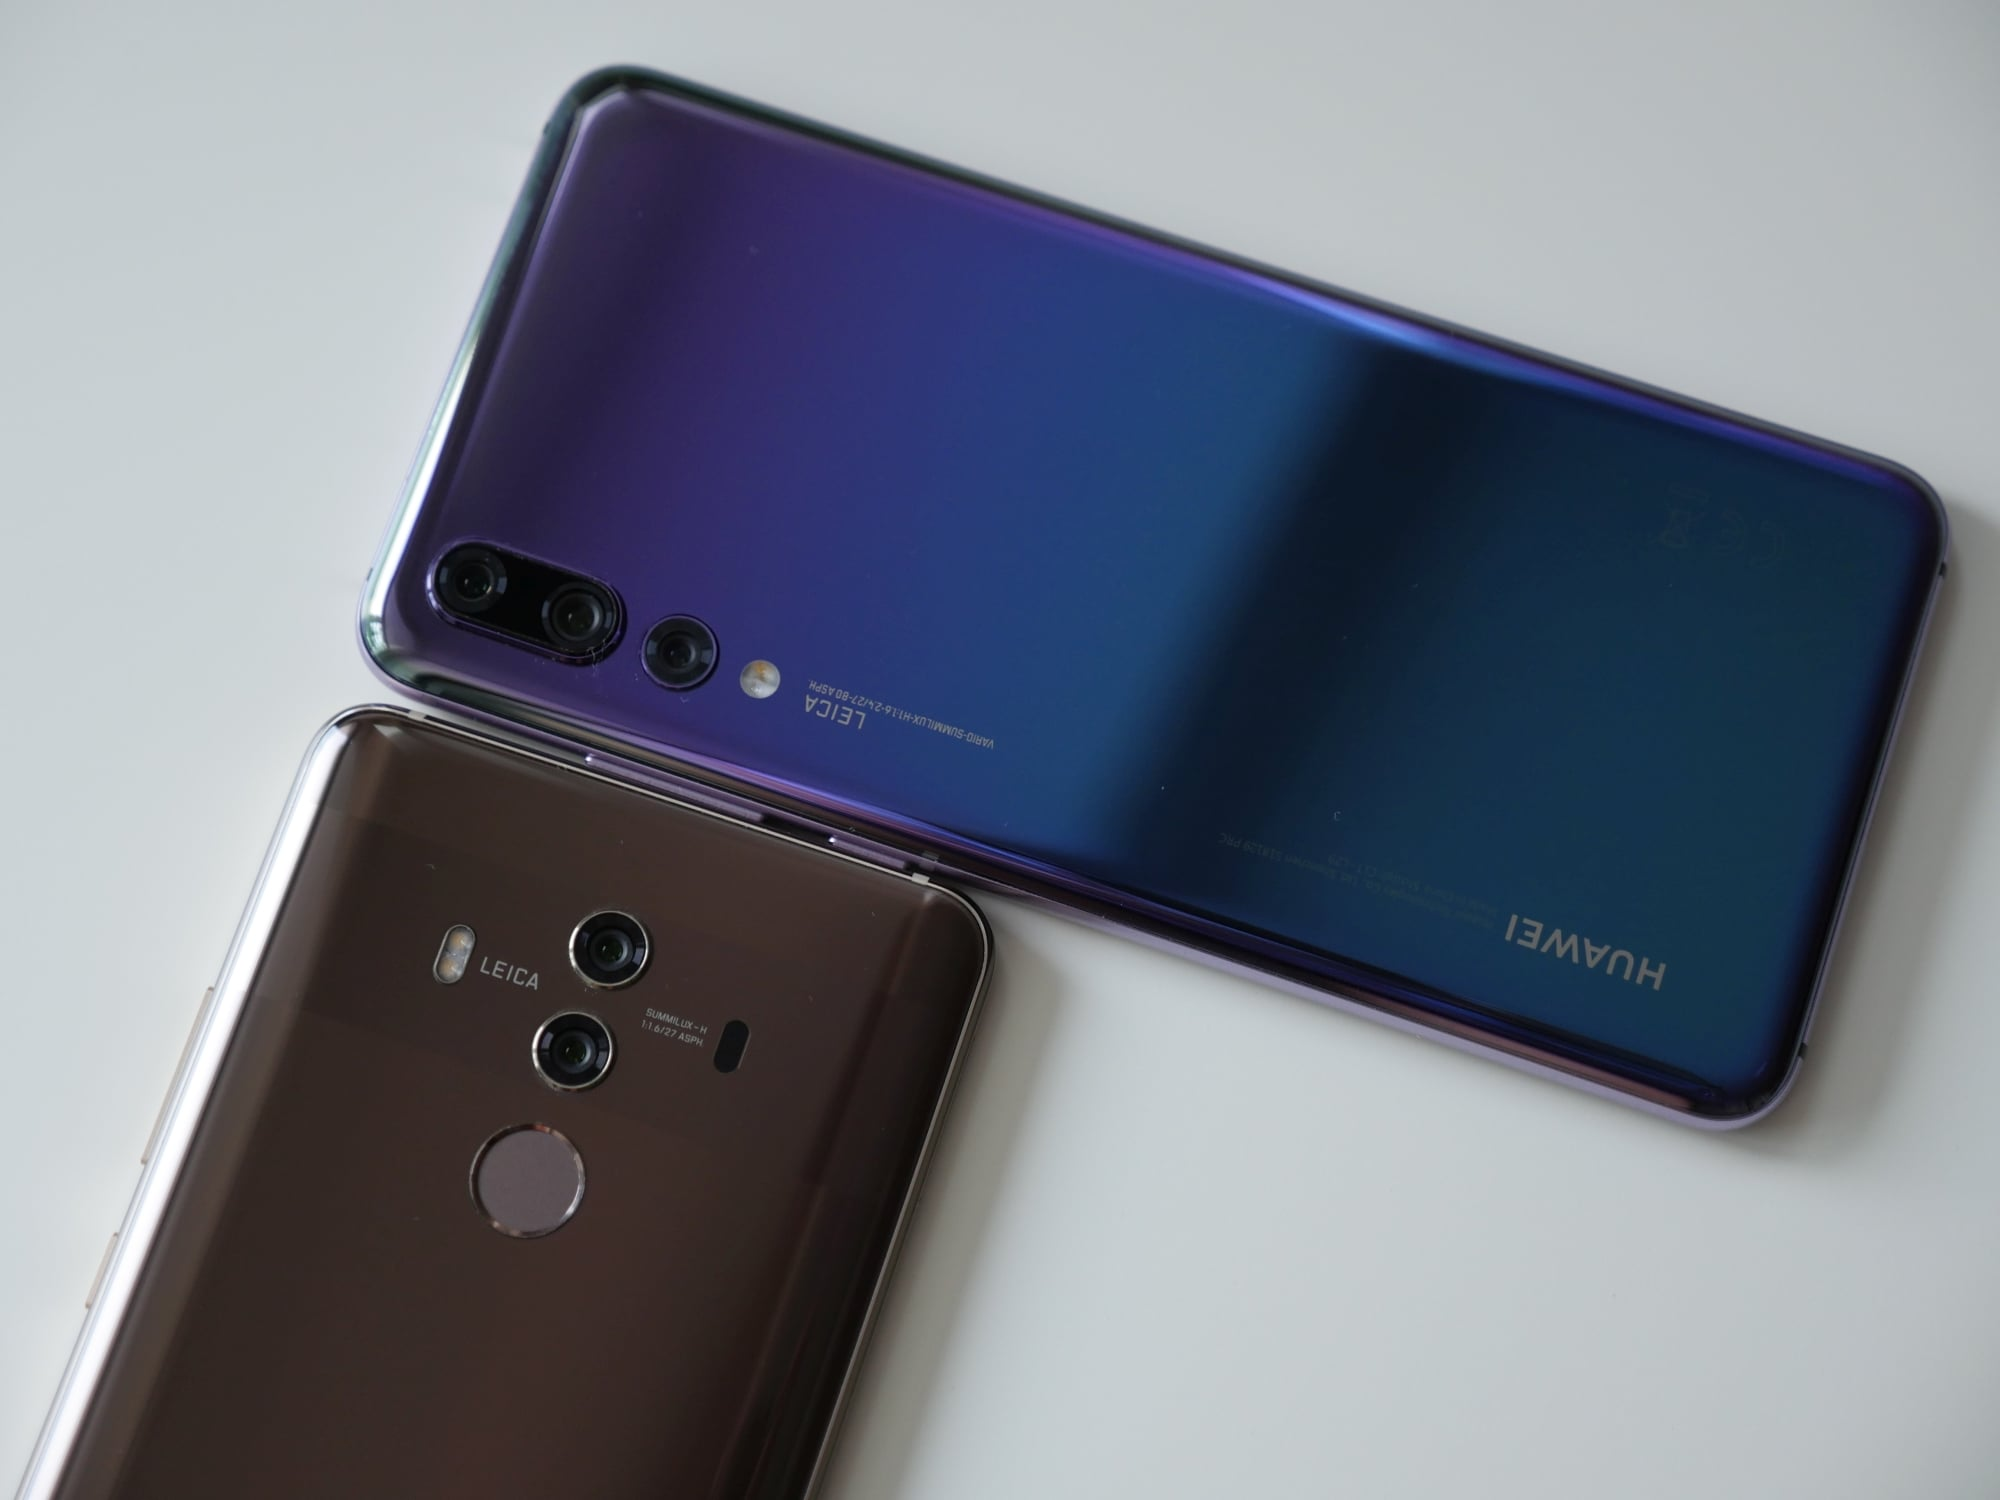 Jeśli najlepszy smartfon od Huawei, to Mate 10 Pro czy P20 Pro? Porównanie flagowców 17